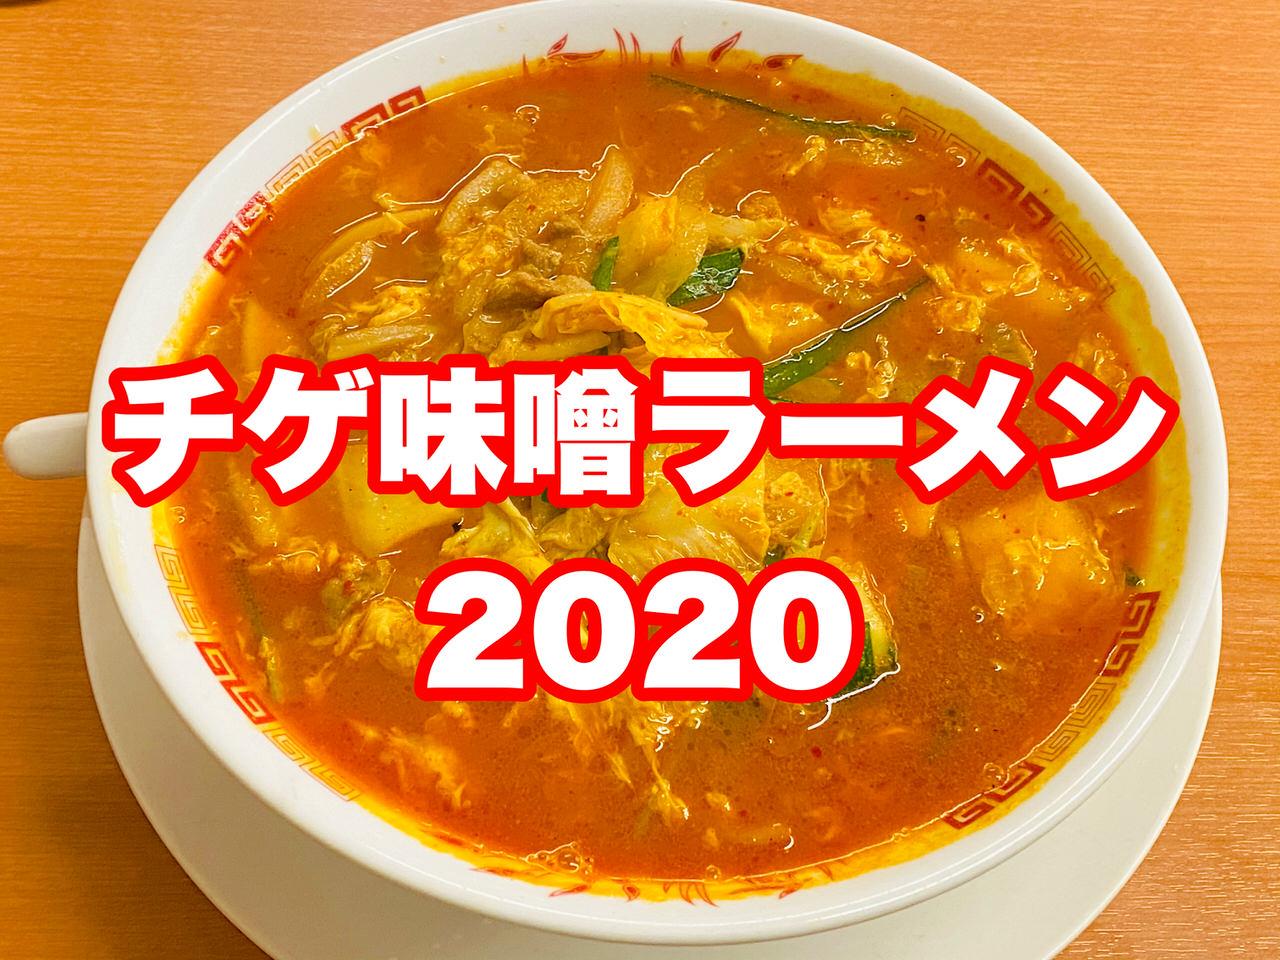 """【日高屋】2020年""""チゲ入り""""宣言!「チゲ味噌ラーメン 2020」発売日に食べてきた!"""